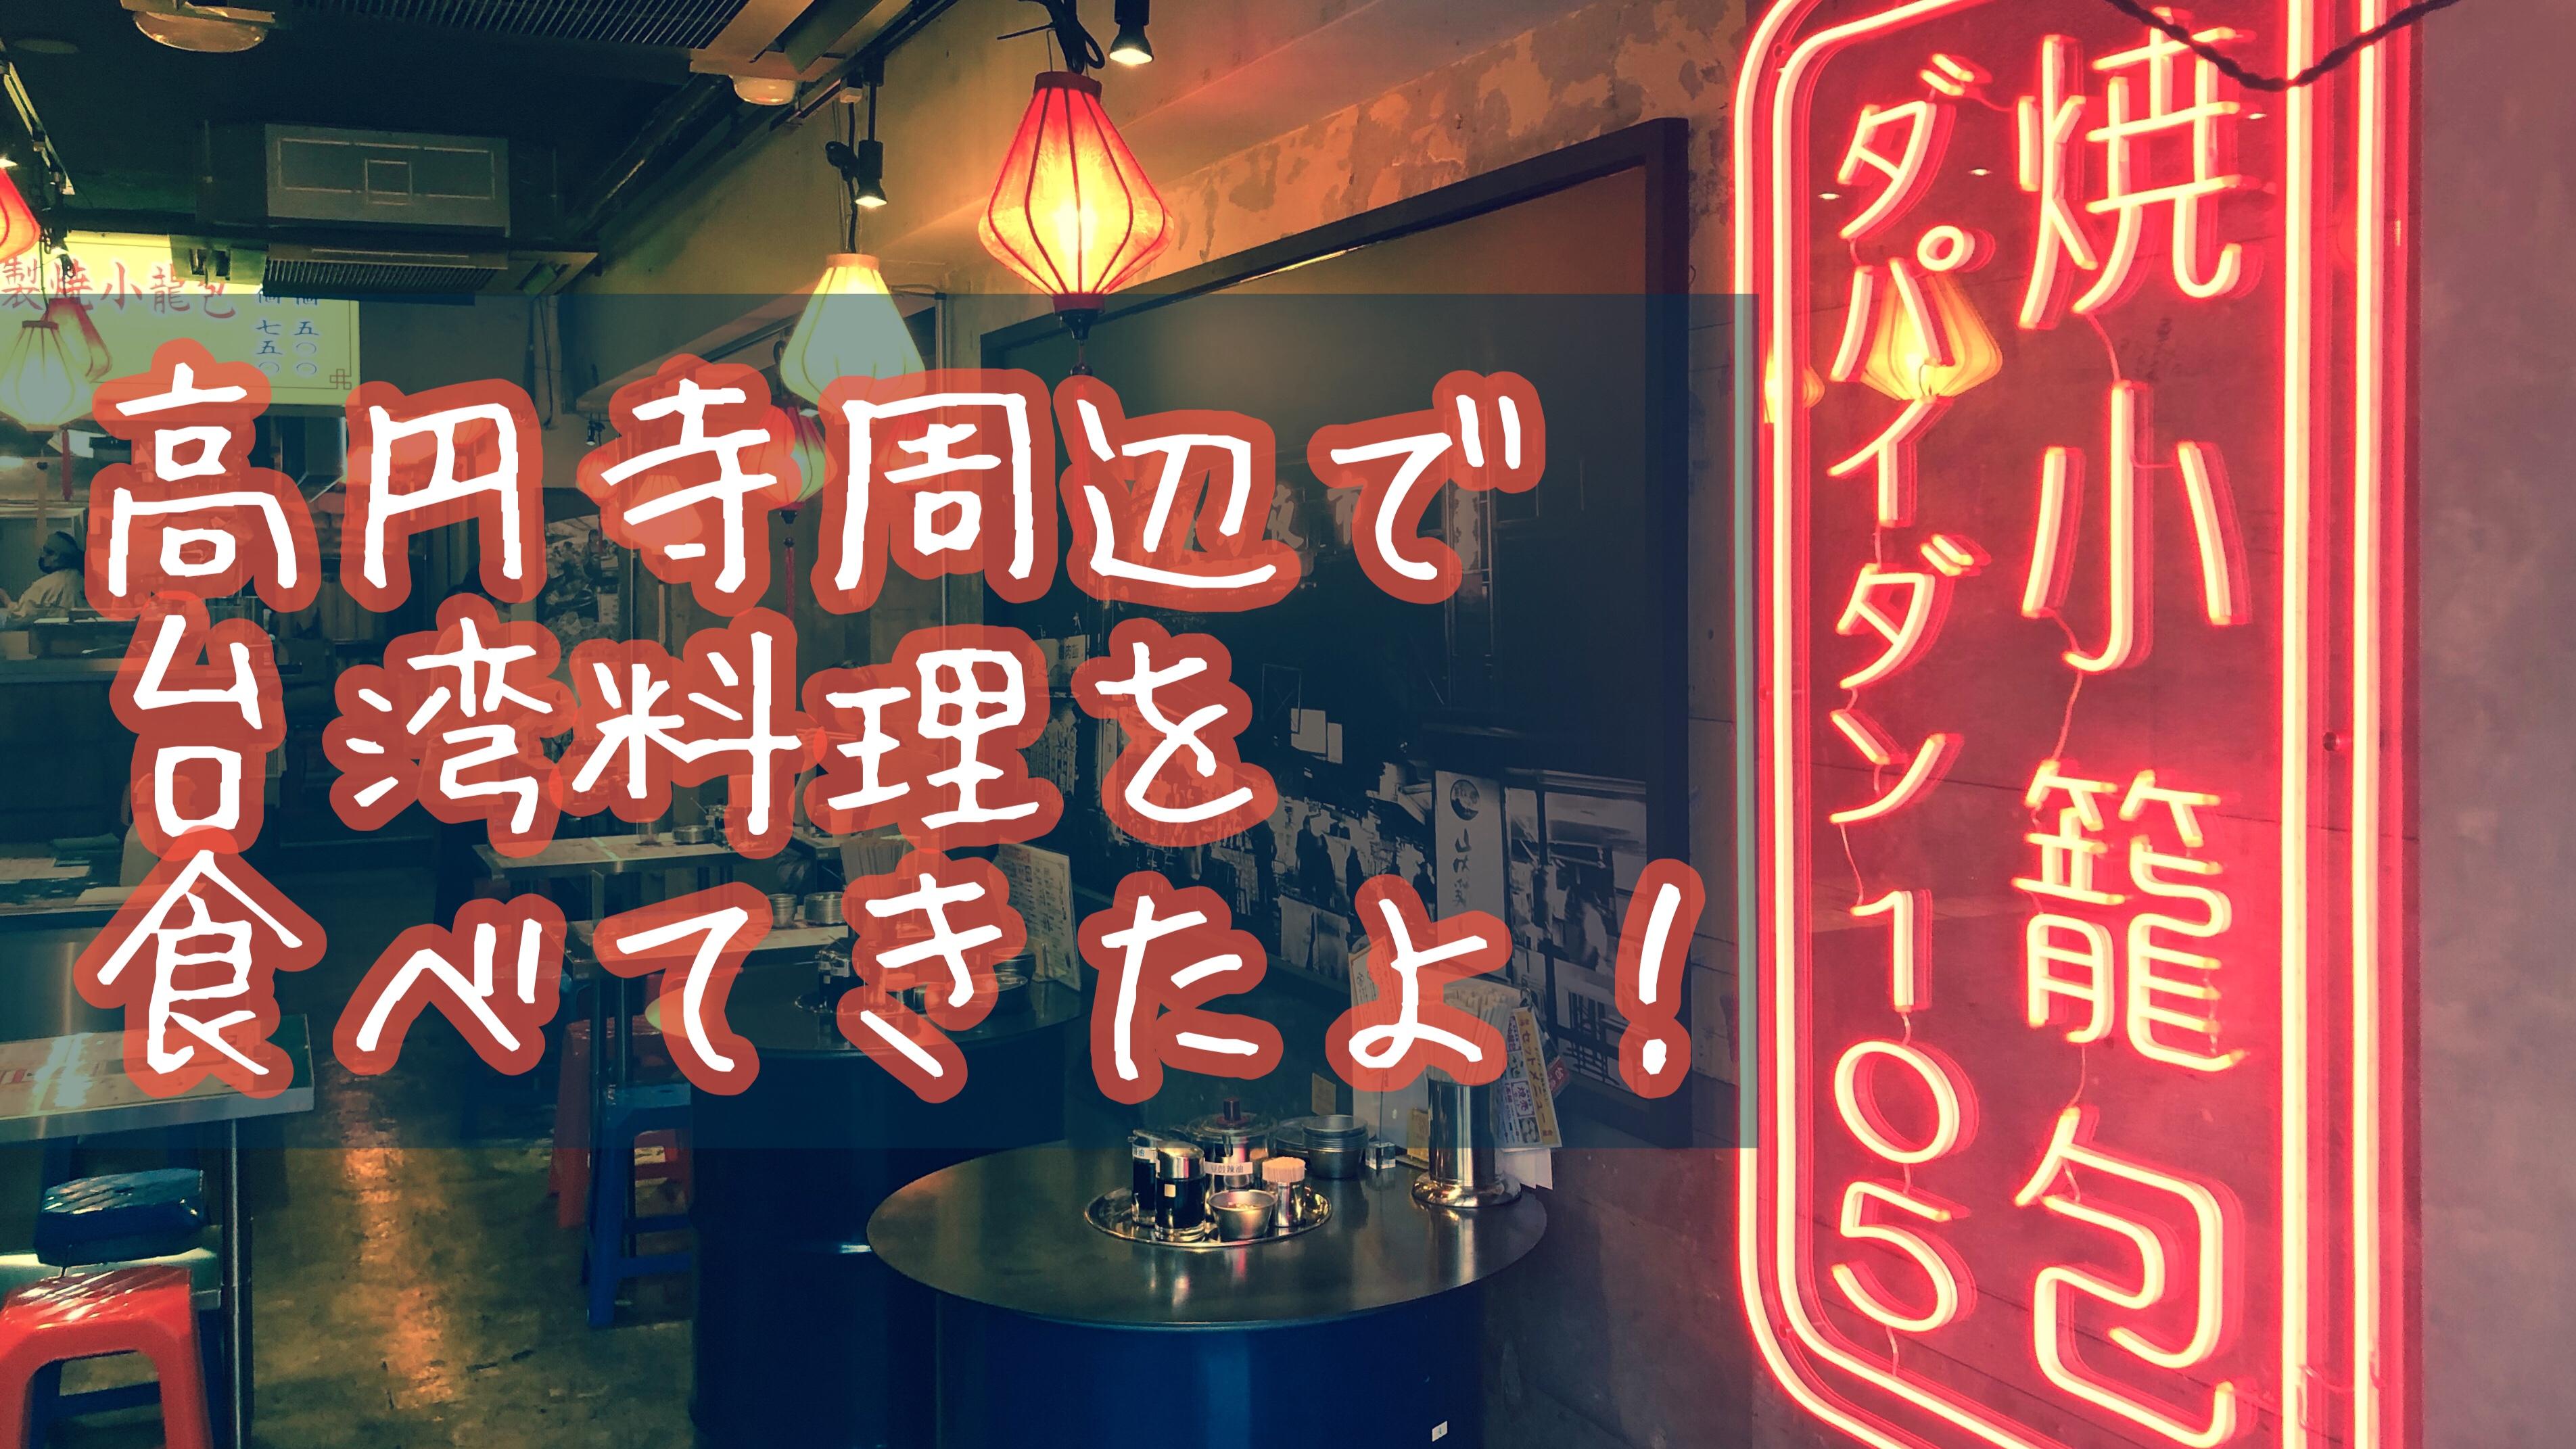 高円寺周辺のおすすめ台湾料理店をご紹介